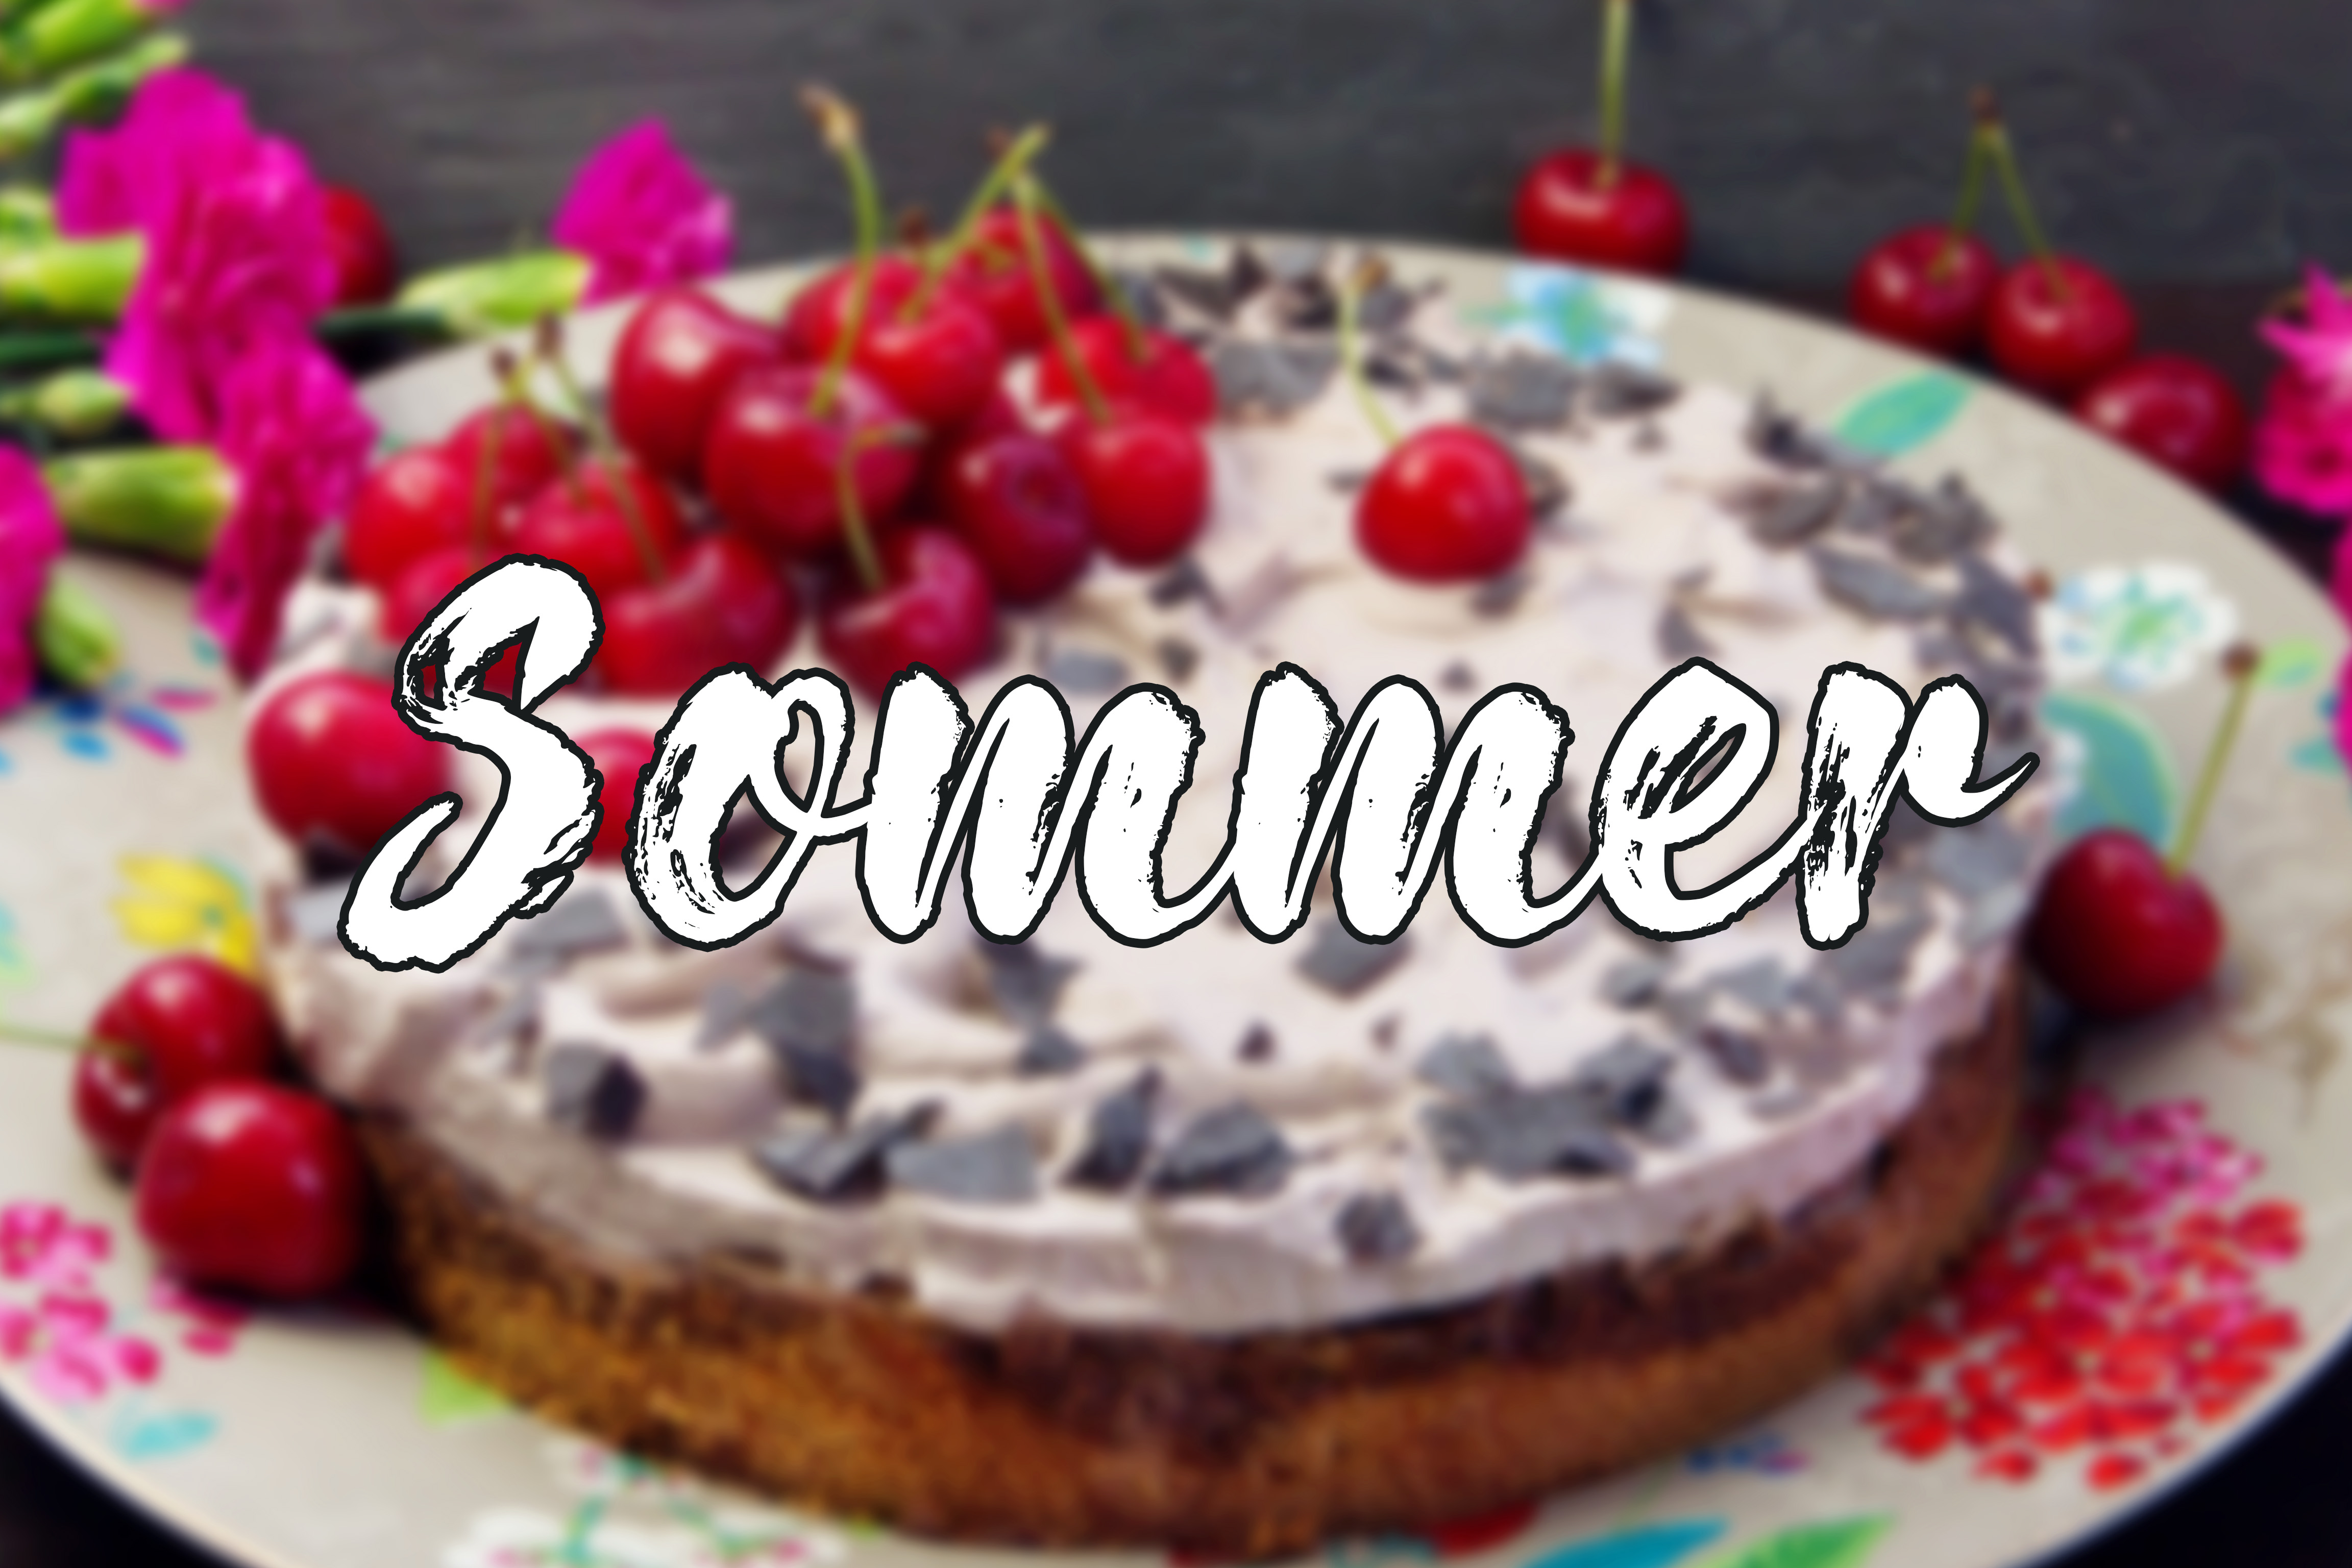 Sommer Rezepte, Sommer rezept, rezepte für, den sommer, no bake rezepte, ohne backen